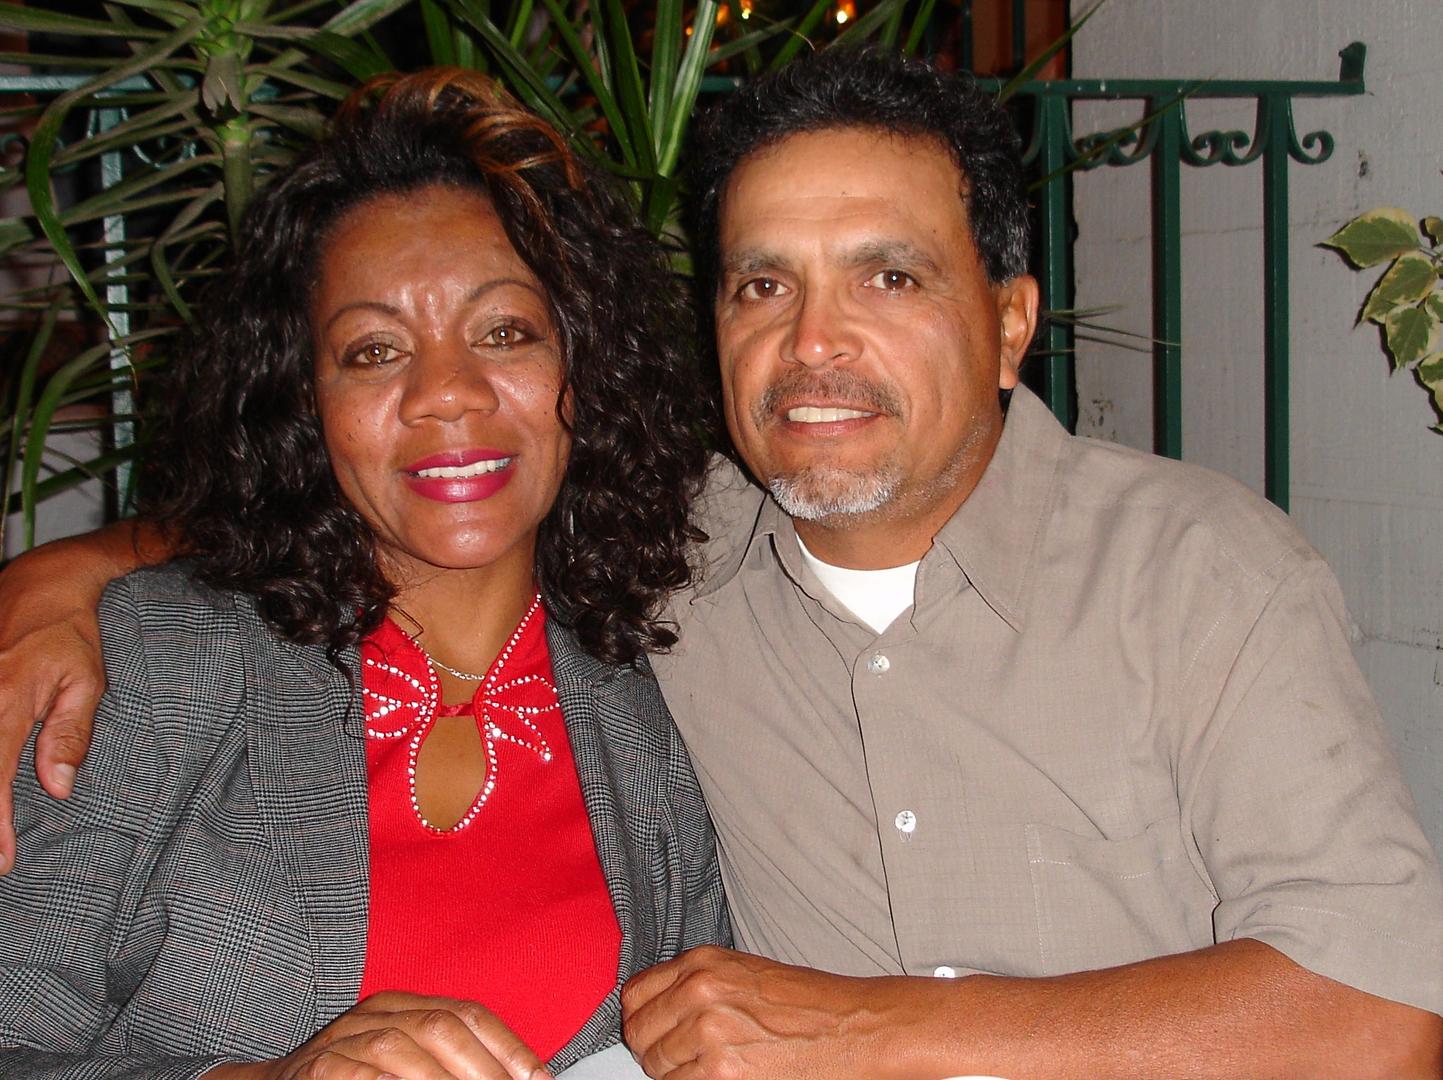 Founders - Steve & Tammie Lozolla